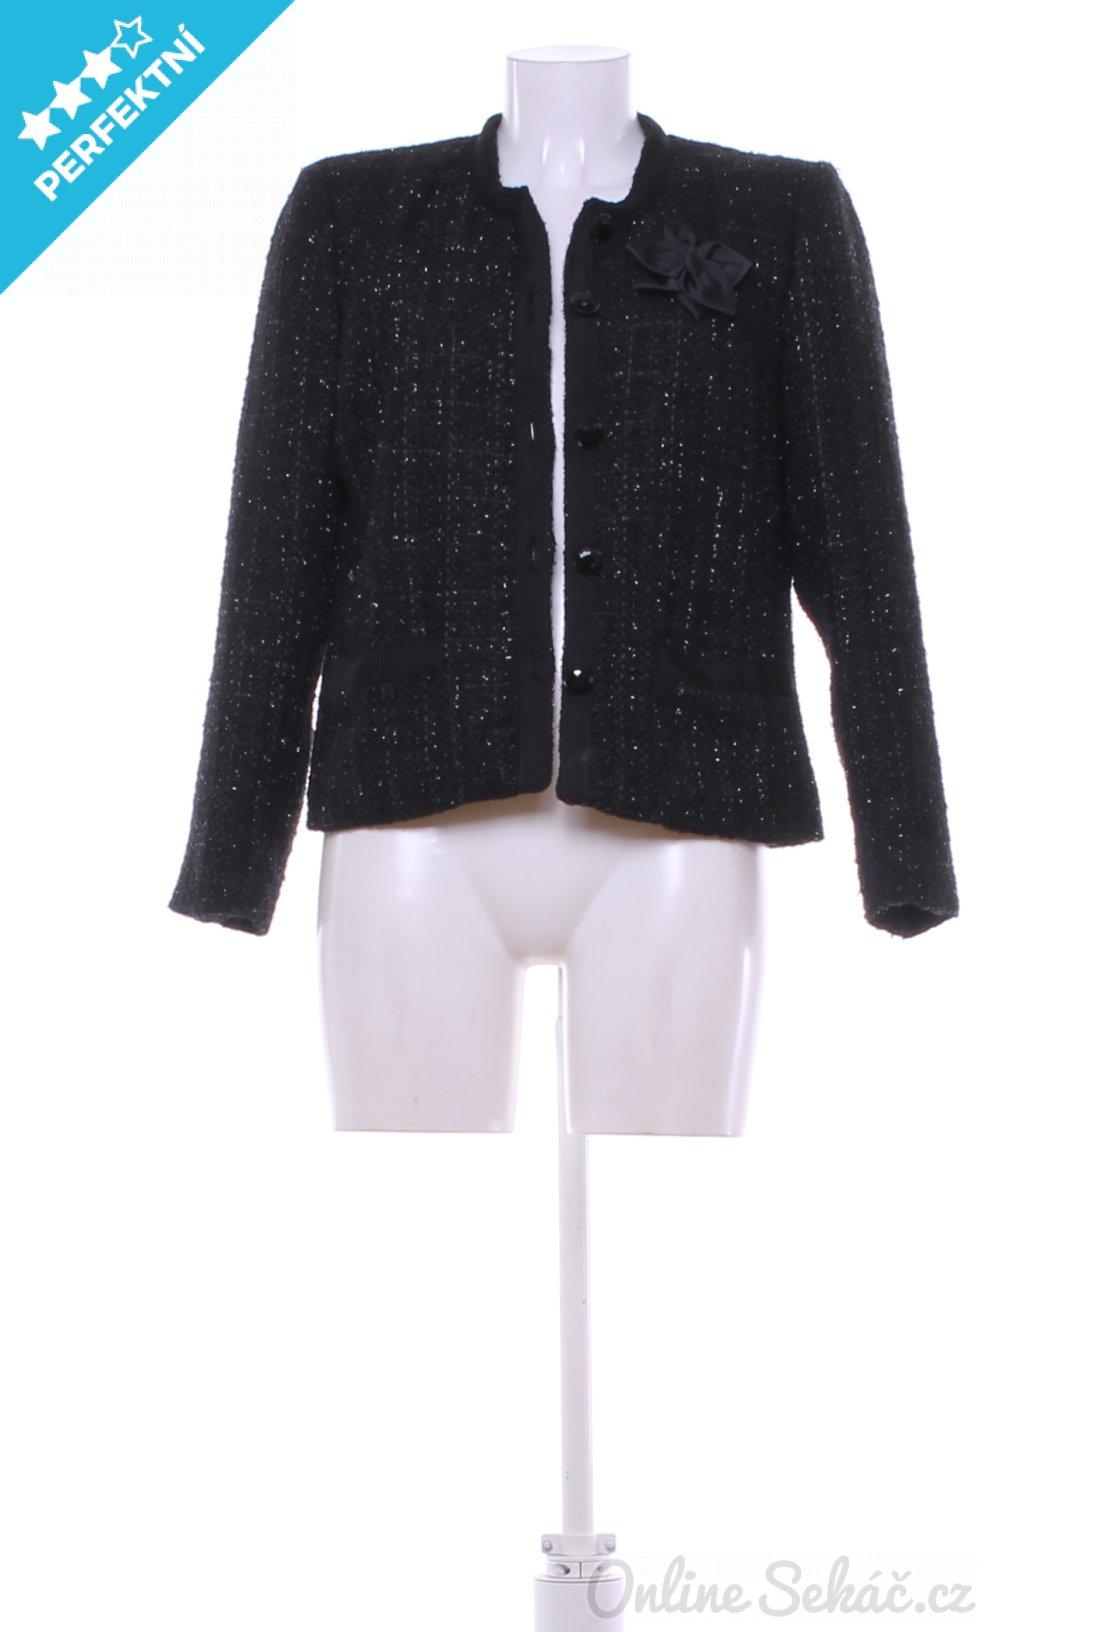 6841791ec73 Second hand   Dámský jarní či podzimní kabát TCHIBO L